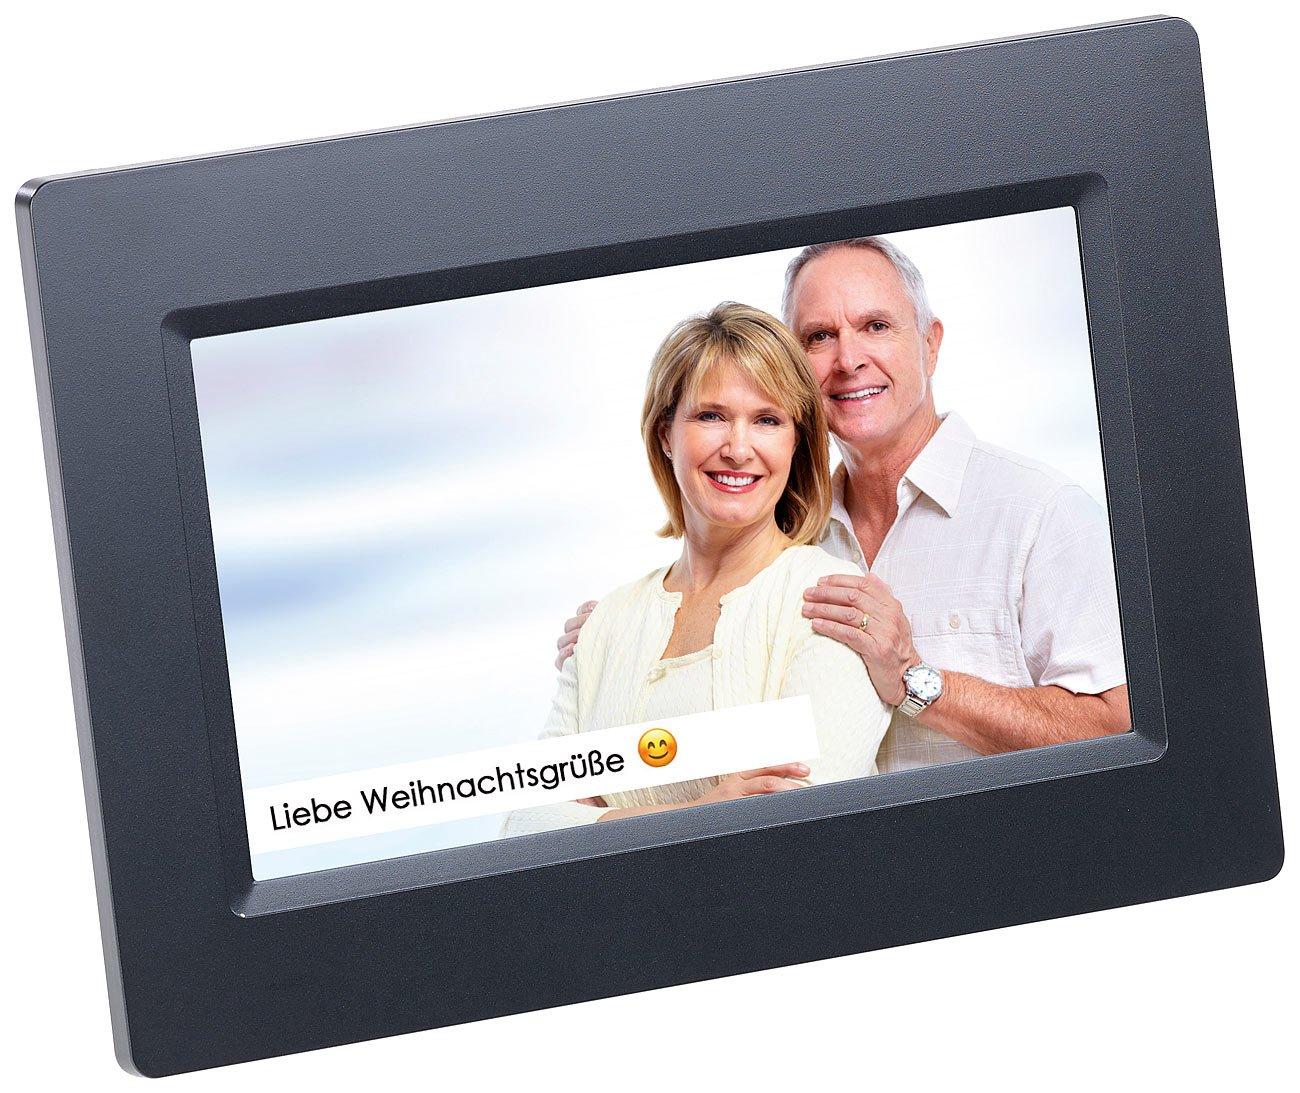 Amazon.de: Somikon Digitale Bilderrahmen: WLAN-Bilderrahmen mit 17 ...